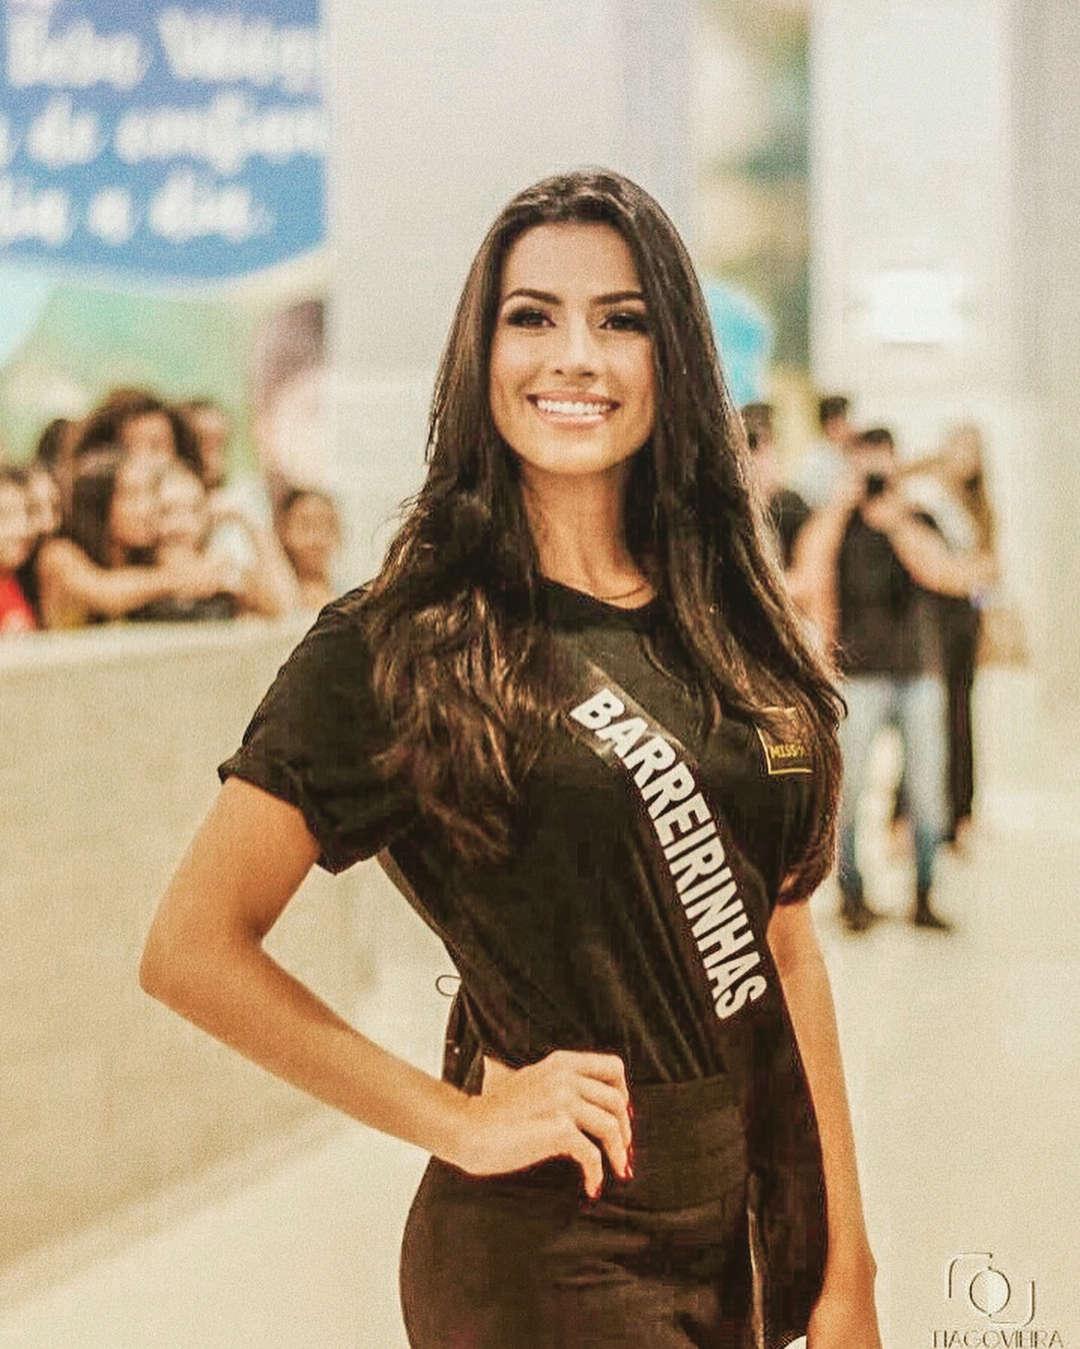 lorena bessani, miss maranhao universo 2018. 29739210